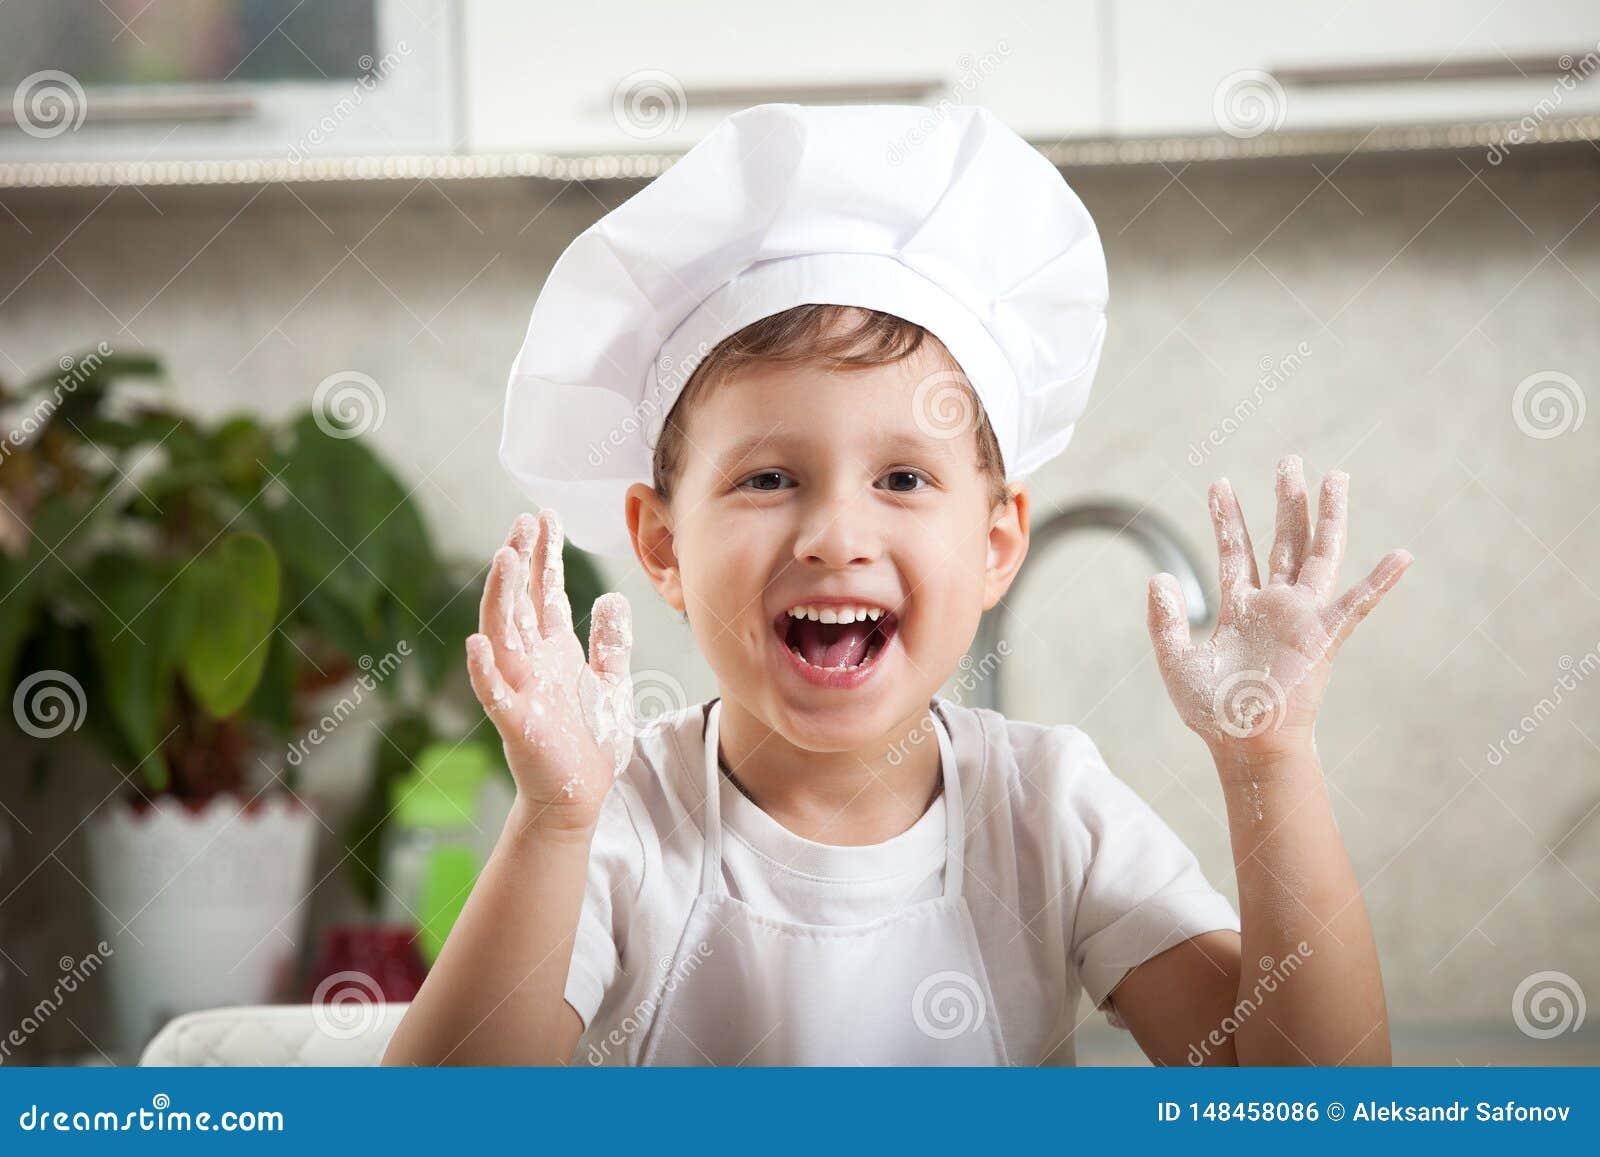 De grappige baby met bloem, gelukkige emotionele jongen glimlacht gelukkig